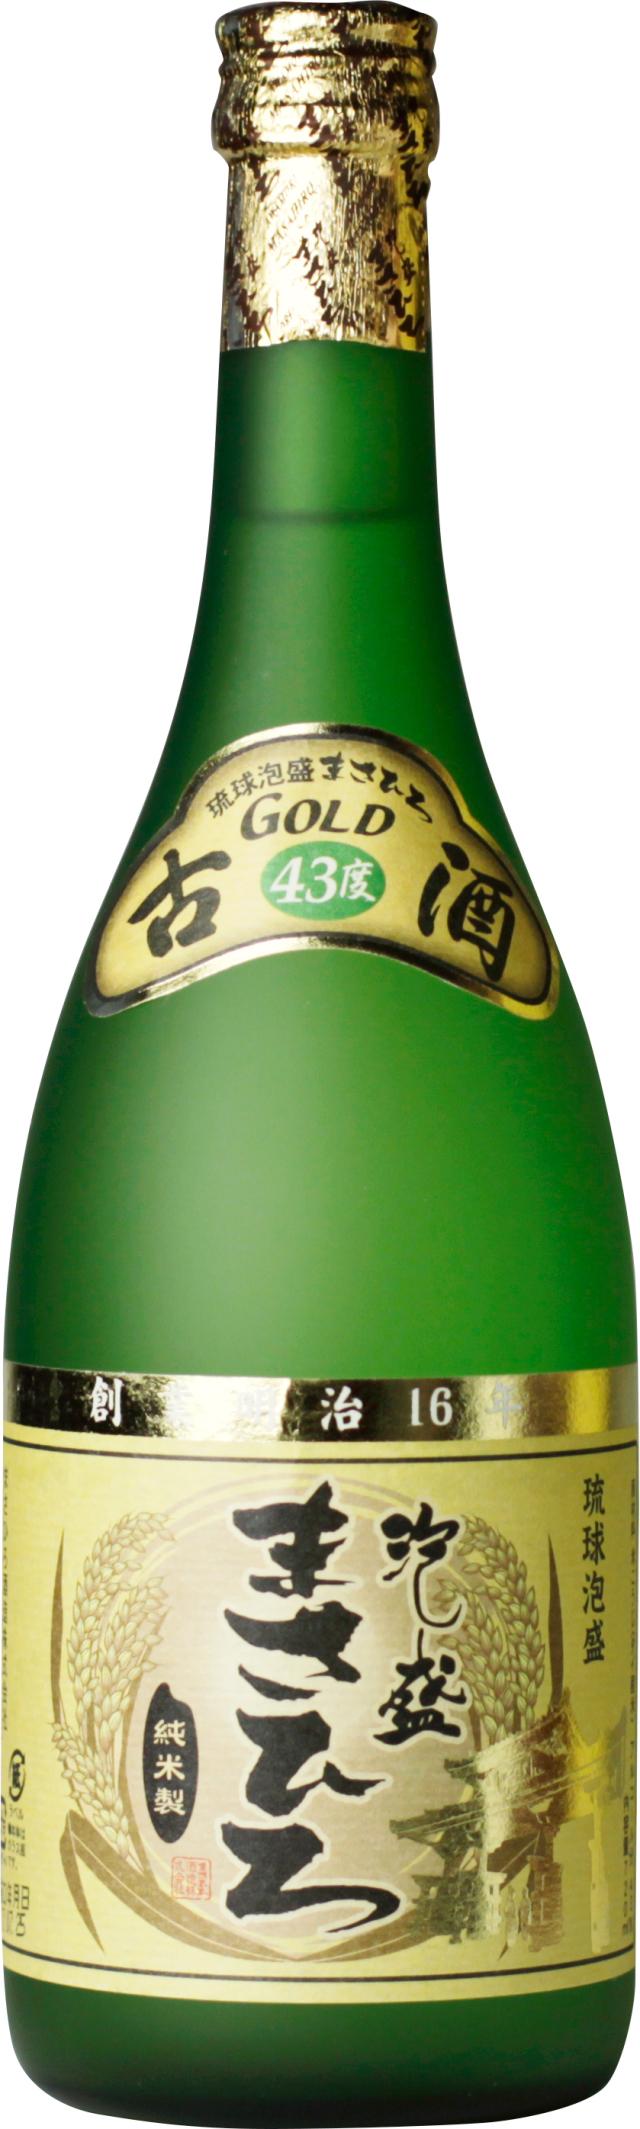 まさひろゴールド古酒 43度 720ml